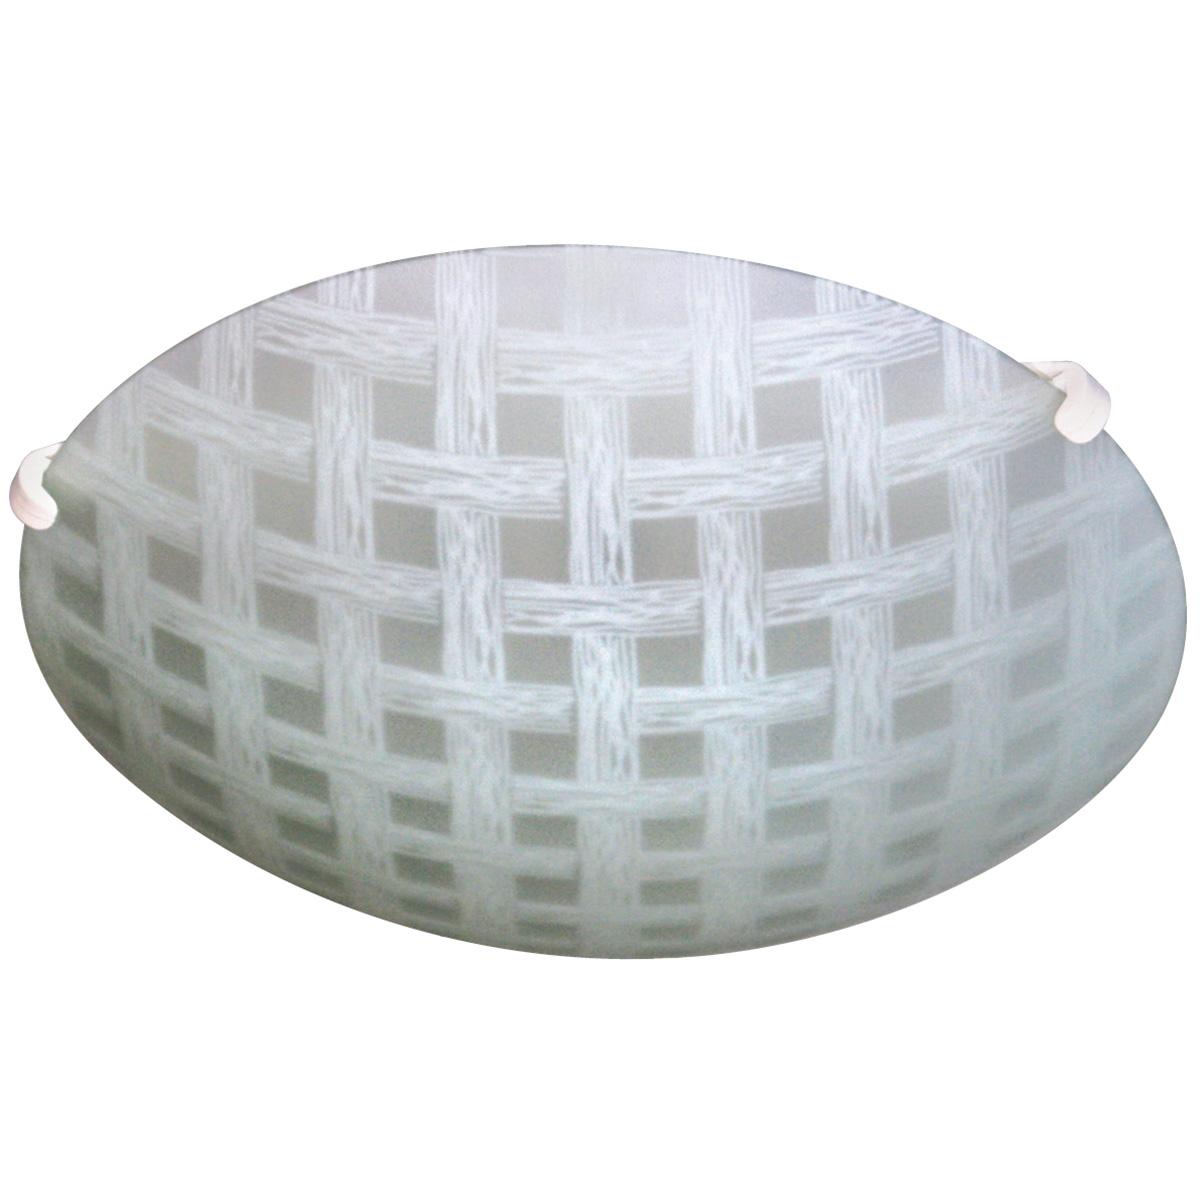 Plafon Trelica Vidro 30cm 2 Lamp. E-27 Max 60w